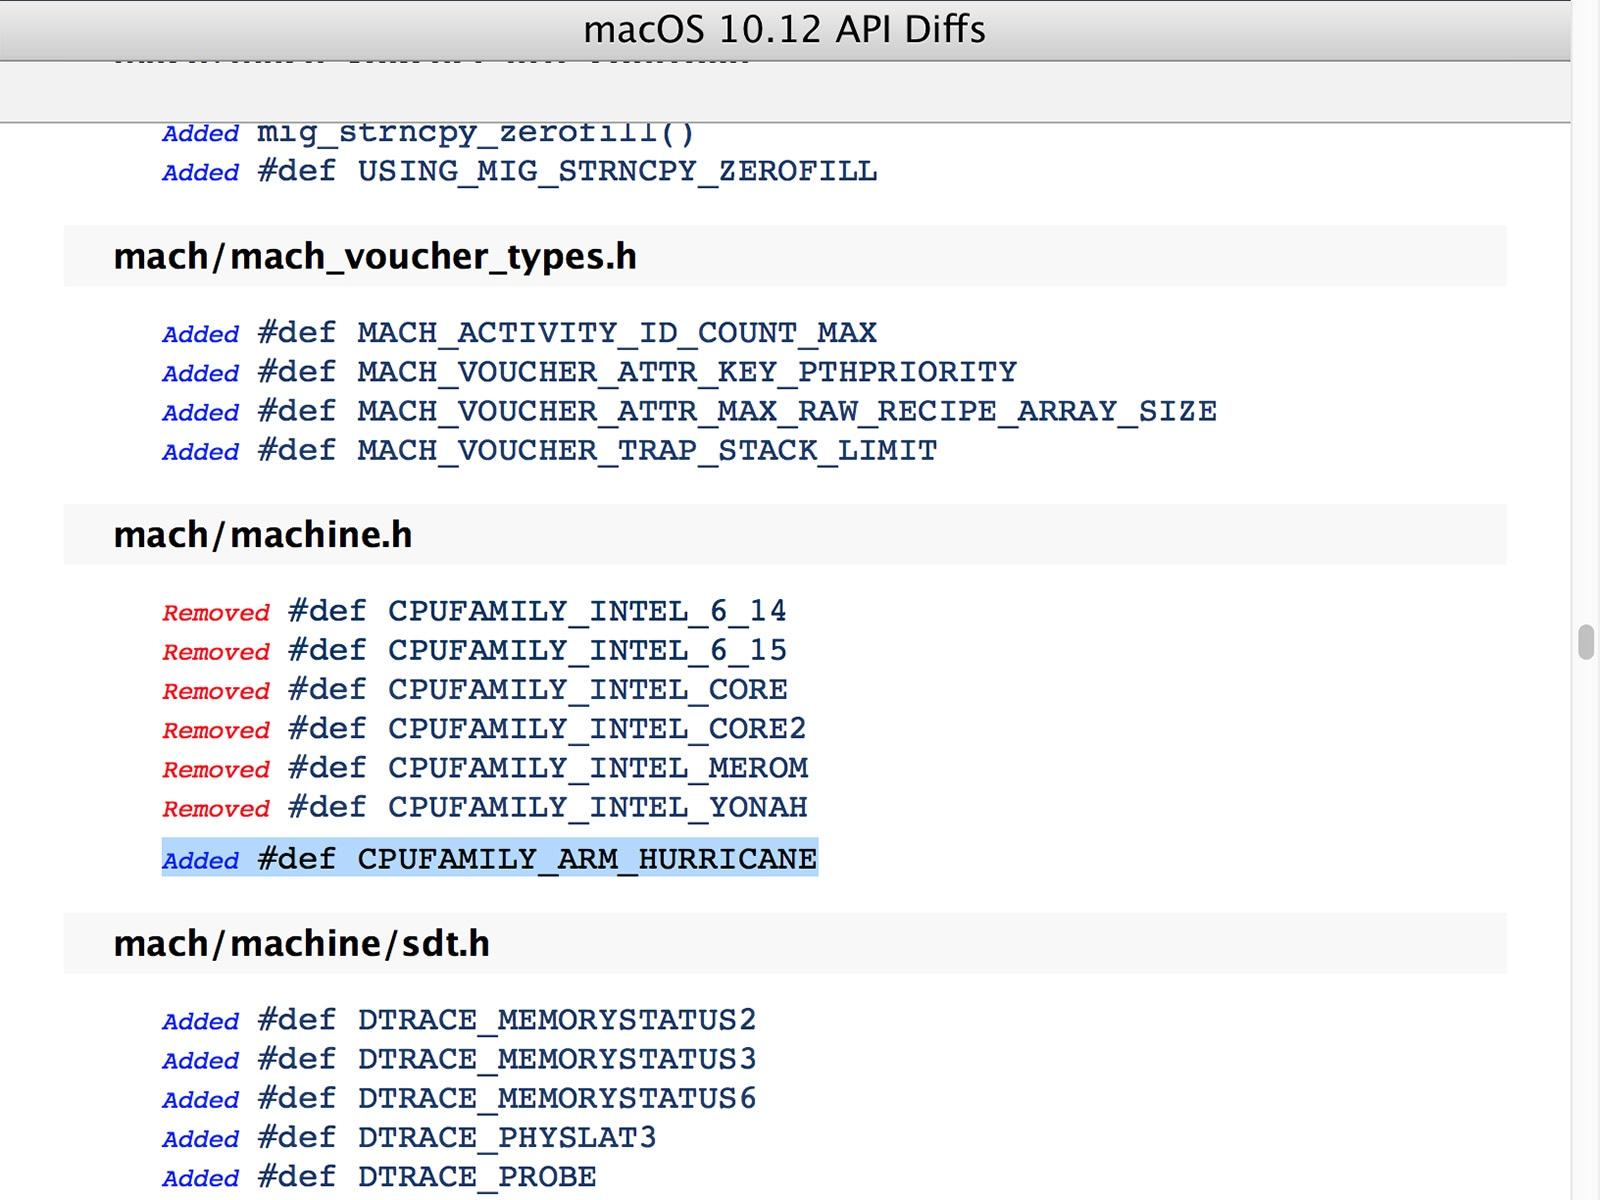 mac OS 10.12 Sierra カーネル内の記述